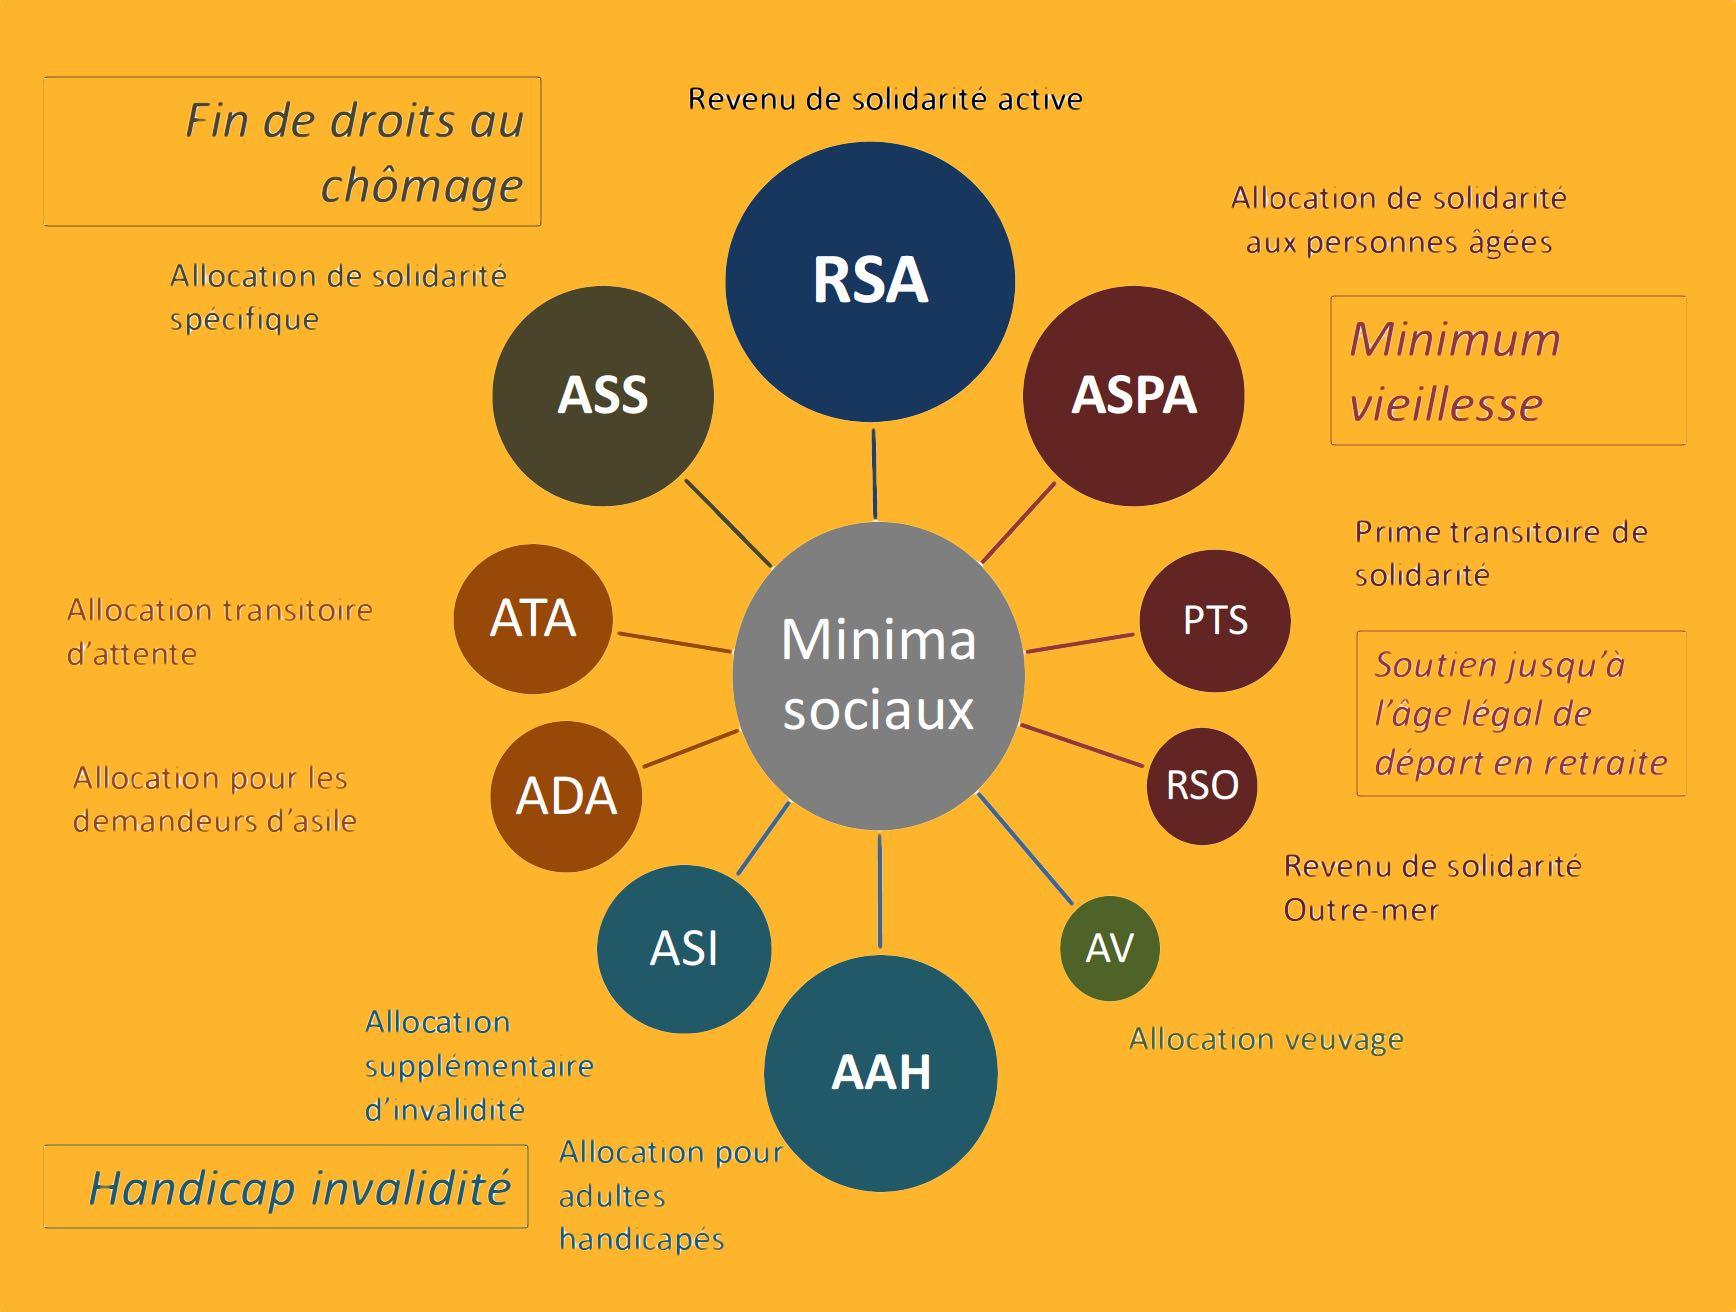 Minima sociaux : le rapport Sirugue validé par le gouvernement mais très contesté par l'ADF